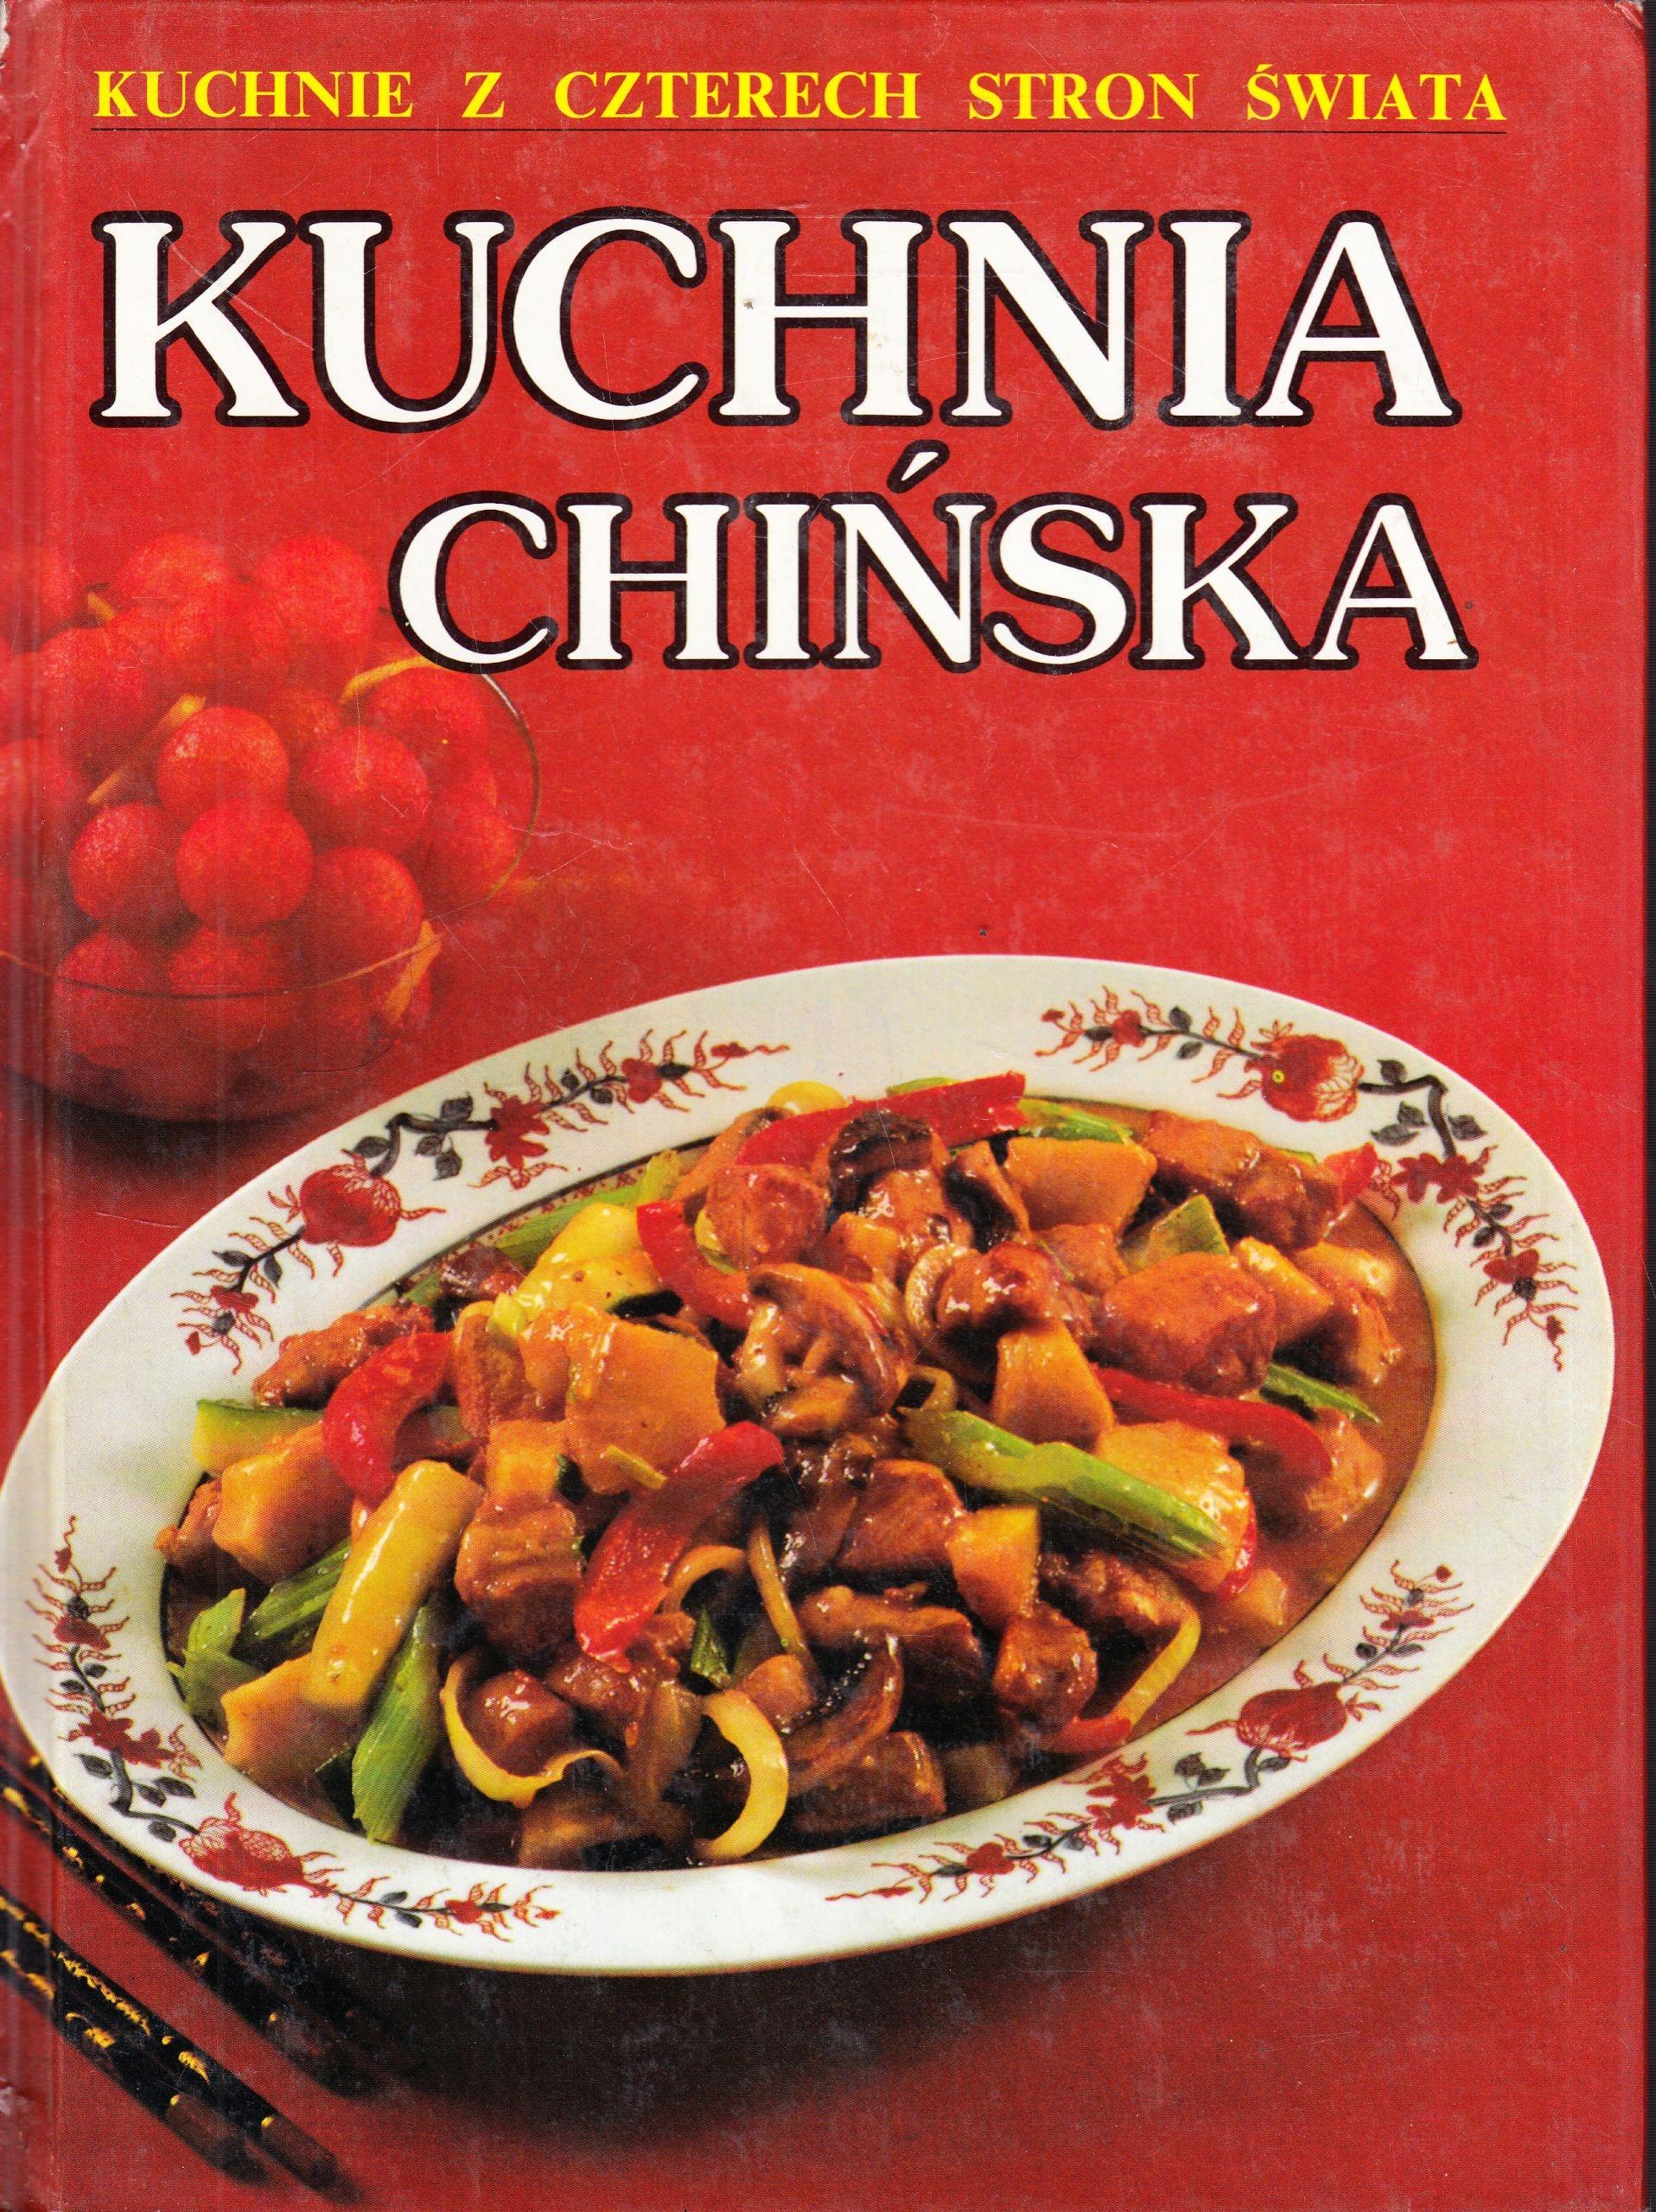 Kuchnie Z Czterech Stron świata Kuchnia Chińska